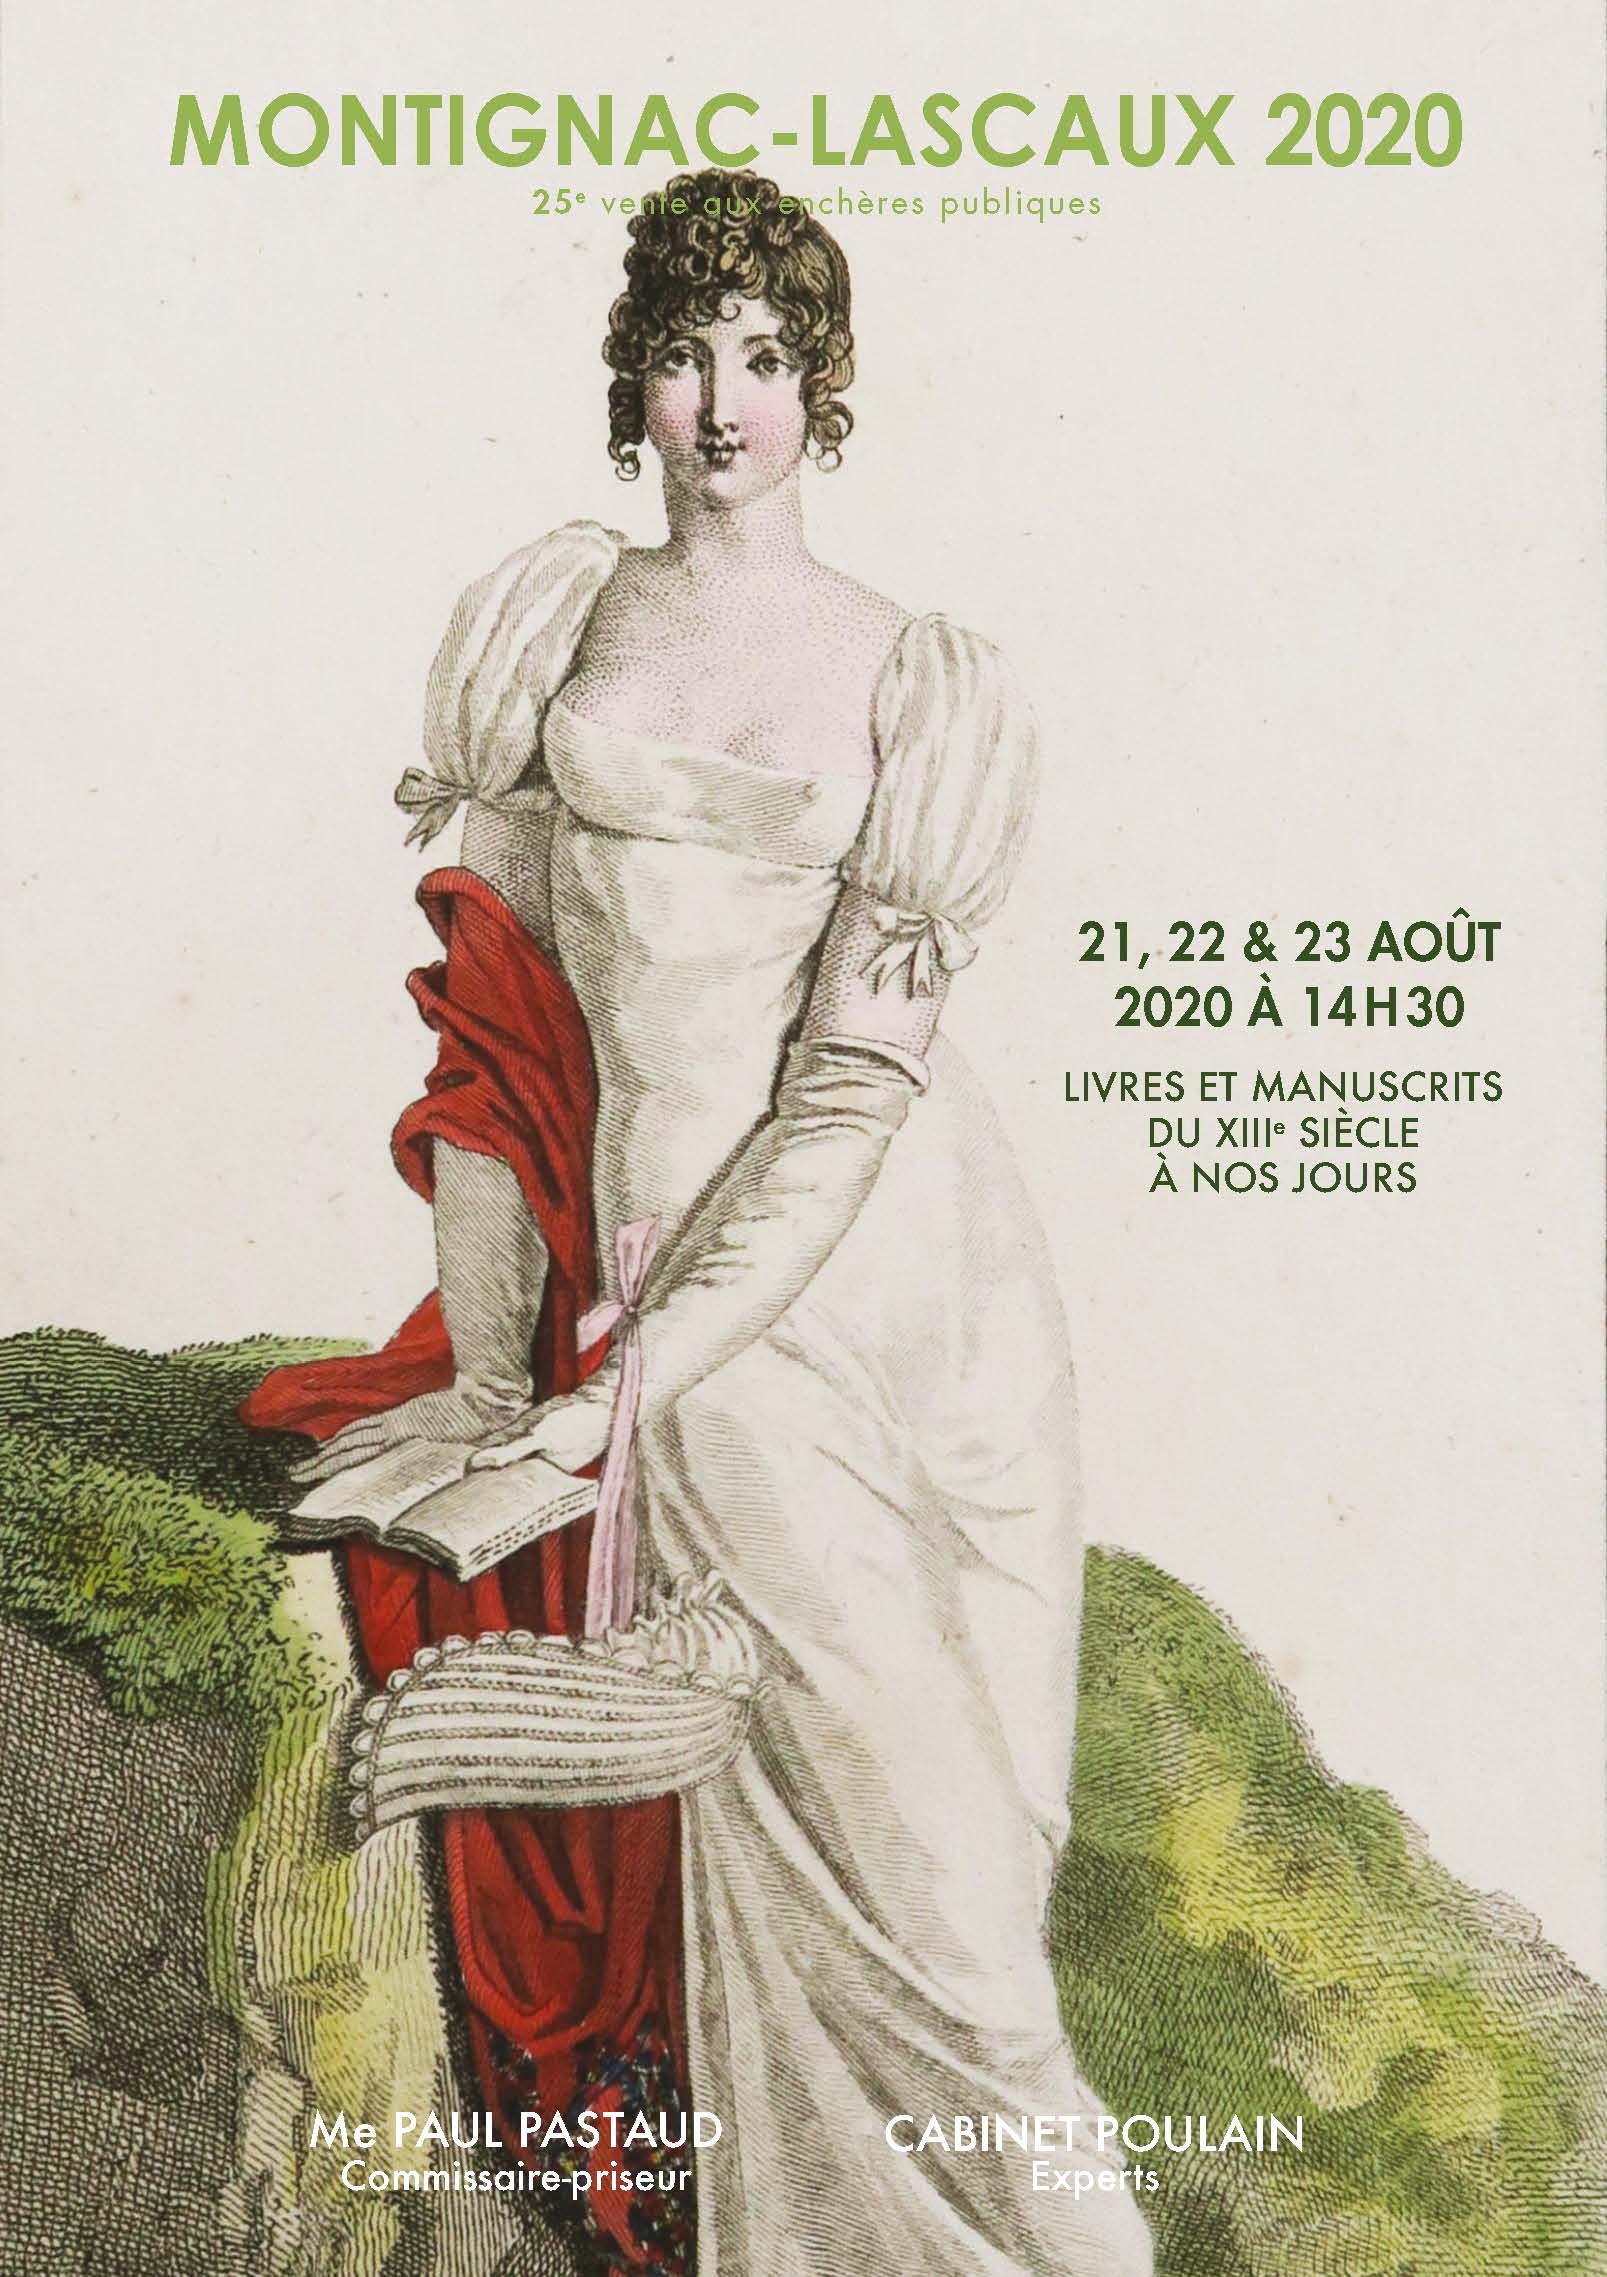 Vente Montignac : 25e vente de Livres Anciens et Modernes - 3e jour (n°1134 à 1664) chez PASTAUD Maison de Ventes aux Enchères : 532 lots